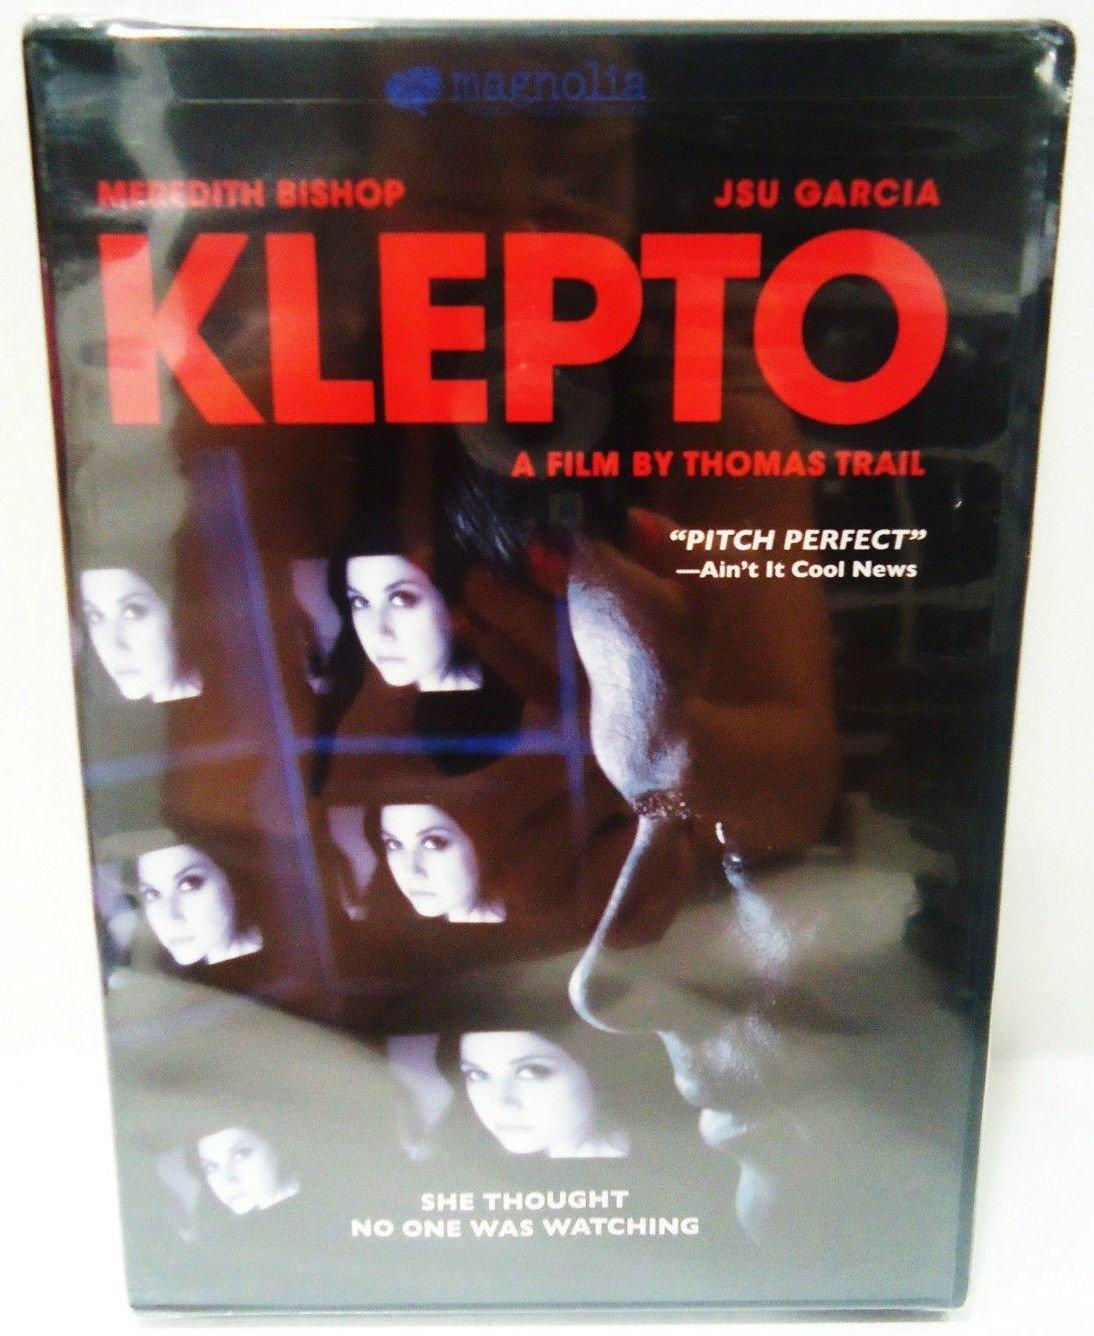 KLEPTO - DVD - MEREDITH BISHOP - BRAND NEW - SEALED - DRAMA - THRILLER - MOVIE